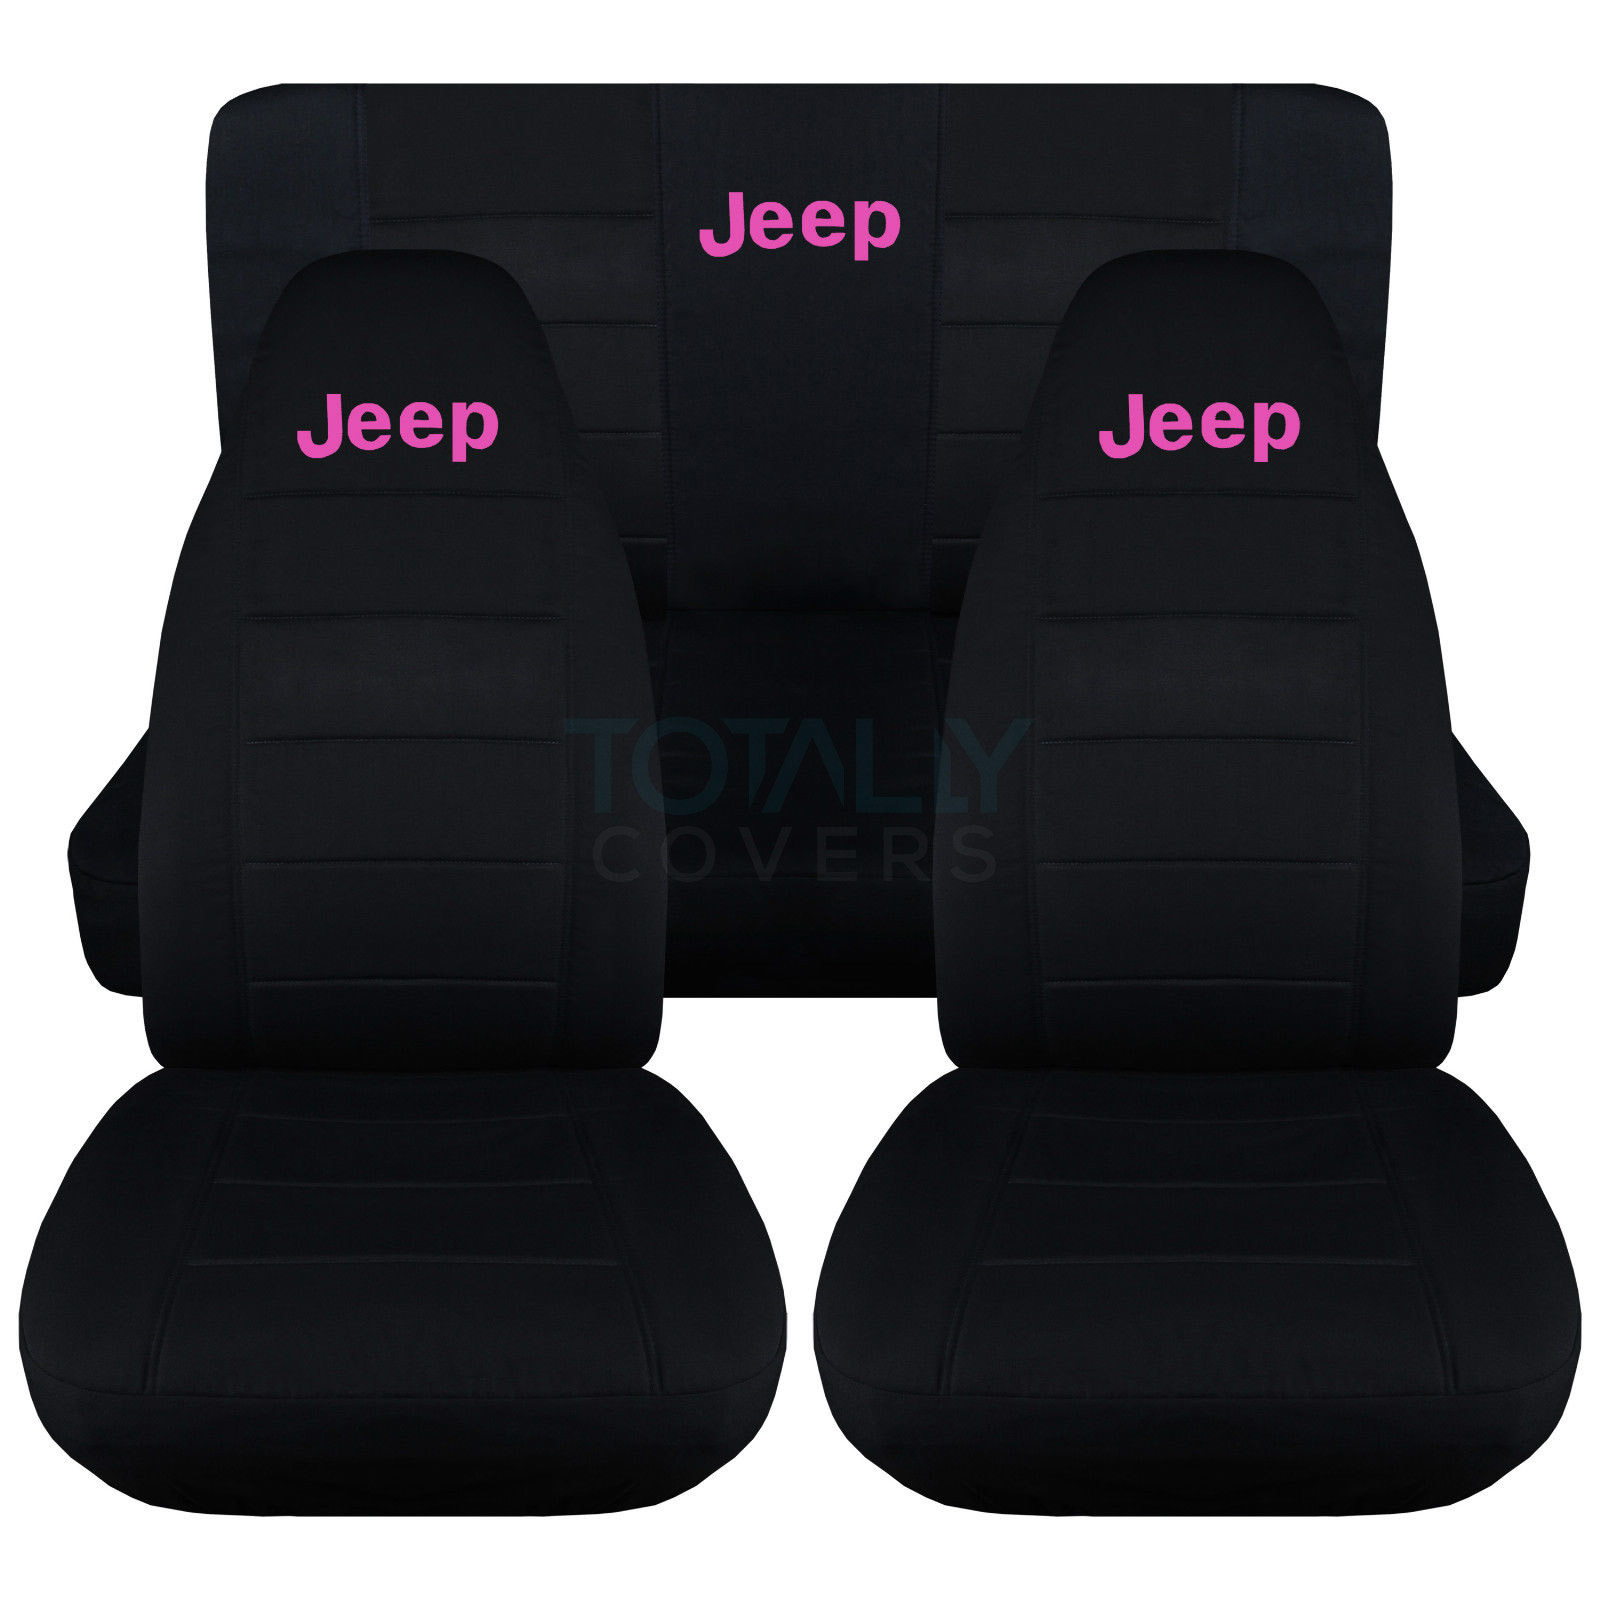 Detalles acerca de Jeep Wrangler YJ/TJ/jk/jl 1987.